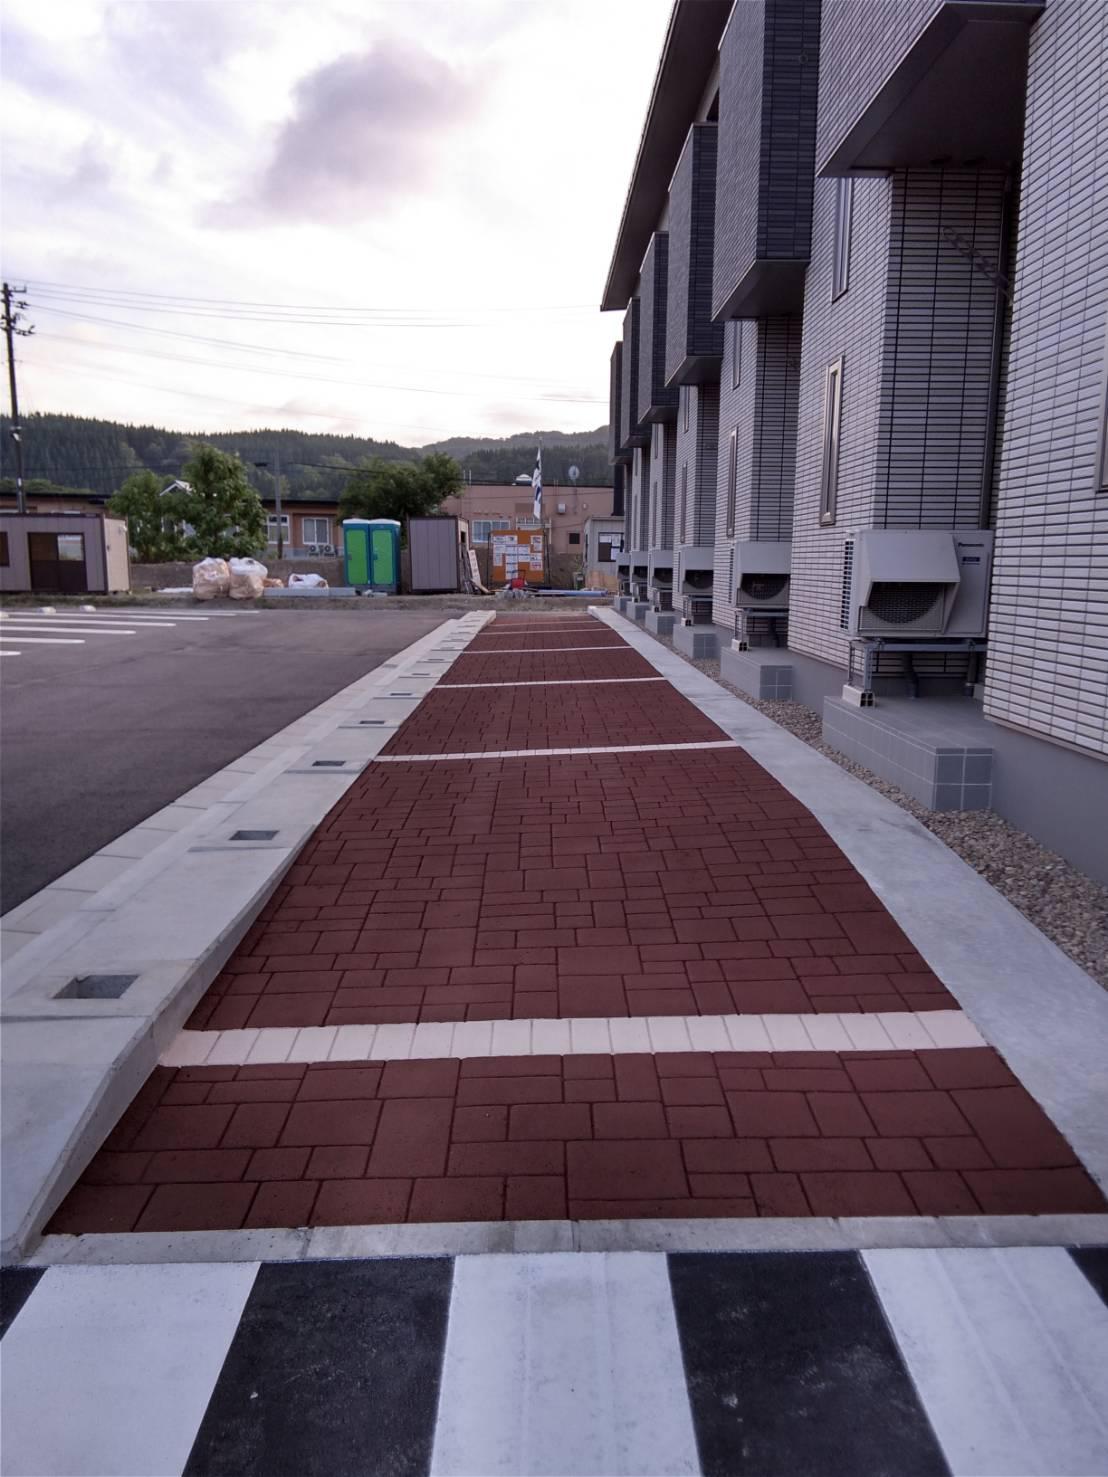 ストリートプリント streetprint アスファルト型押し再加熱工法 型押しアスファルト 景観工法 ストリートボンド streetbond 水性アクリルエポキシ強化樹脂 アシュラースレート スタックドボーダー